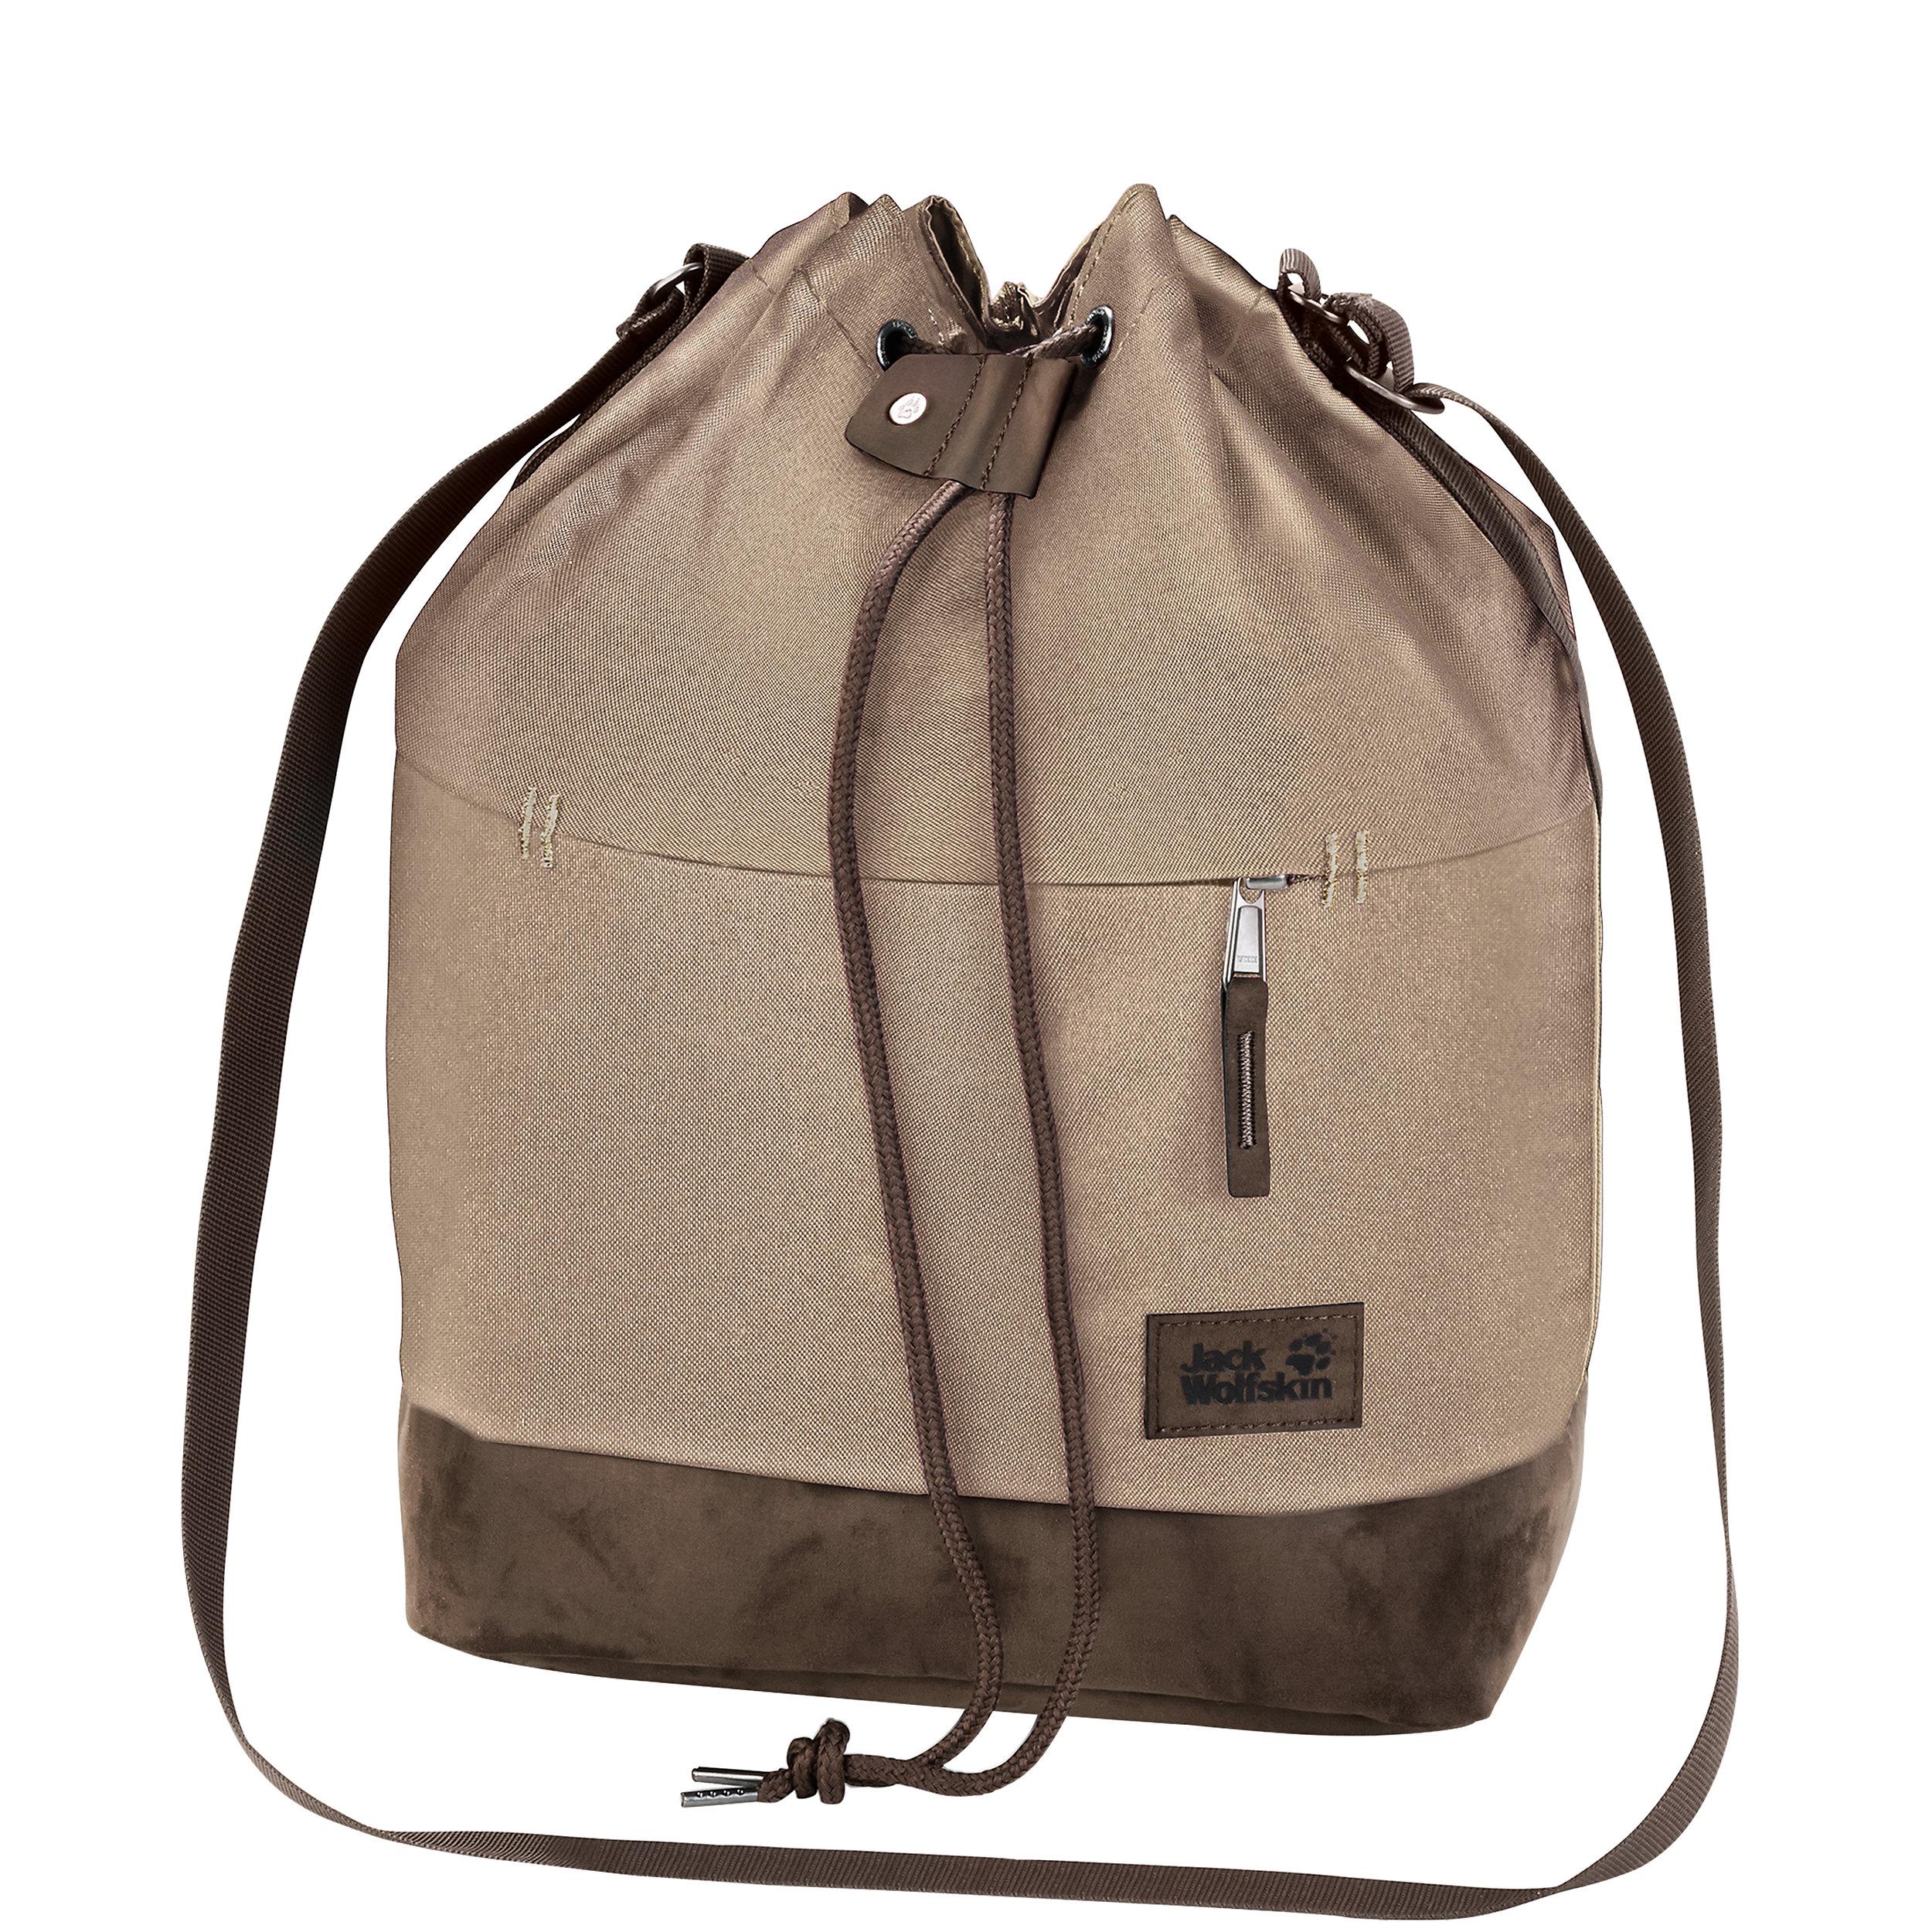 Bucket Bag Sandia Bag Everyday Outdoor 14 Liter